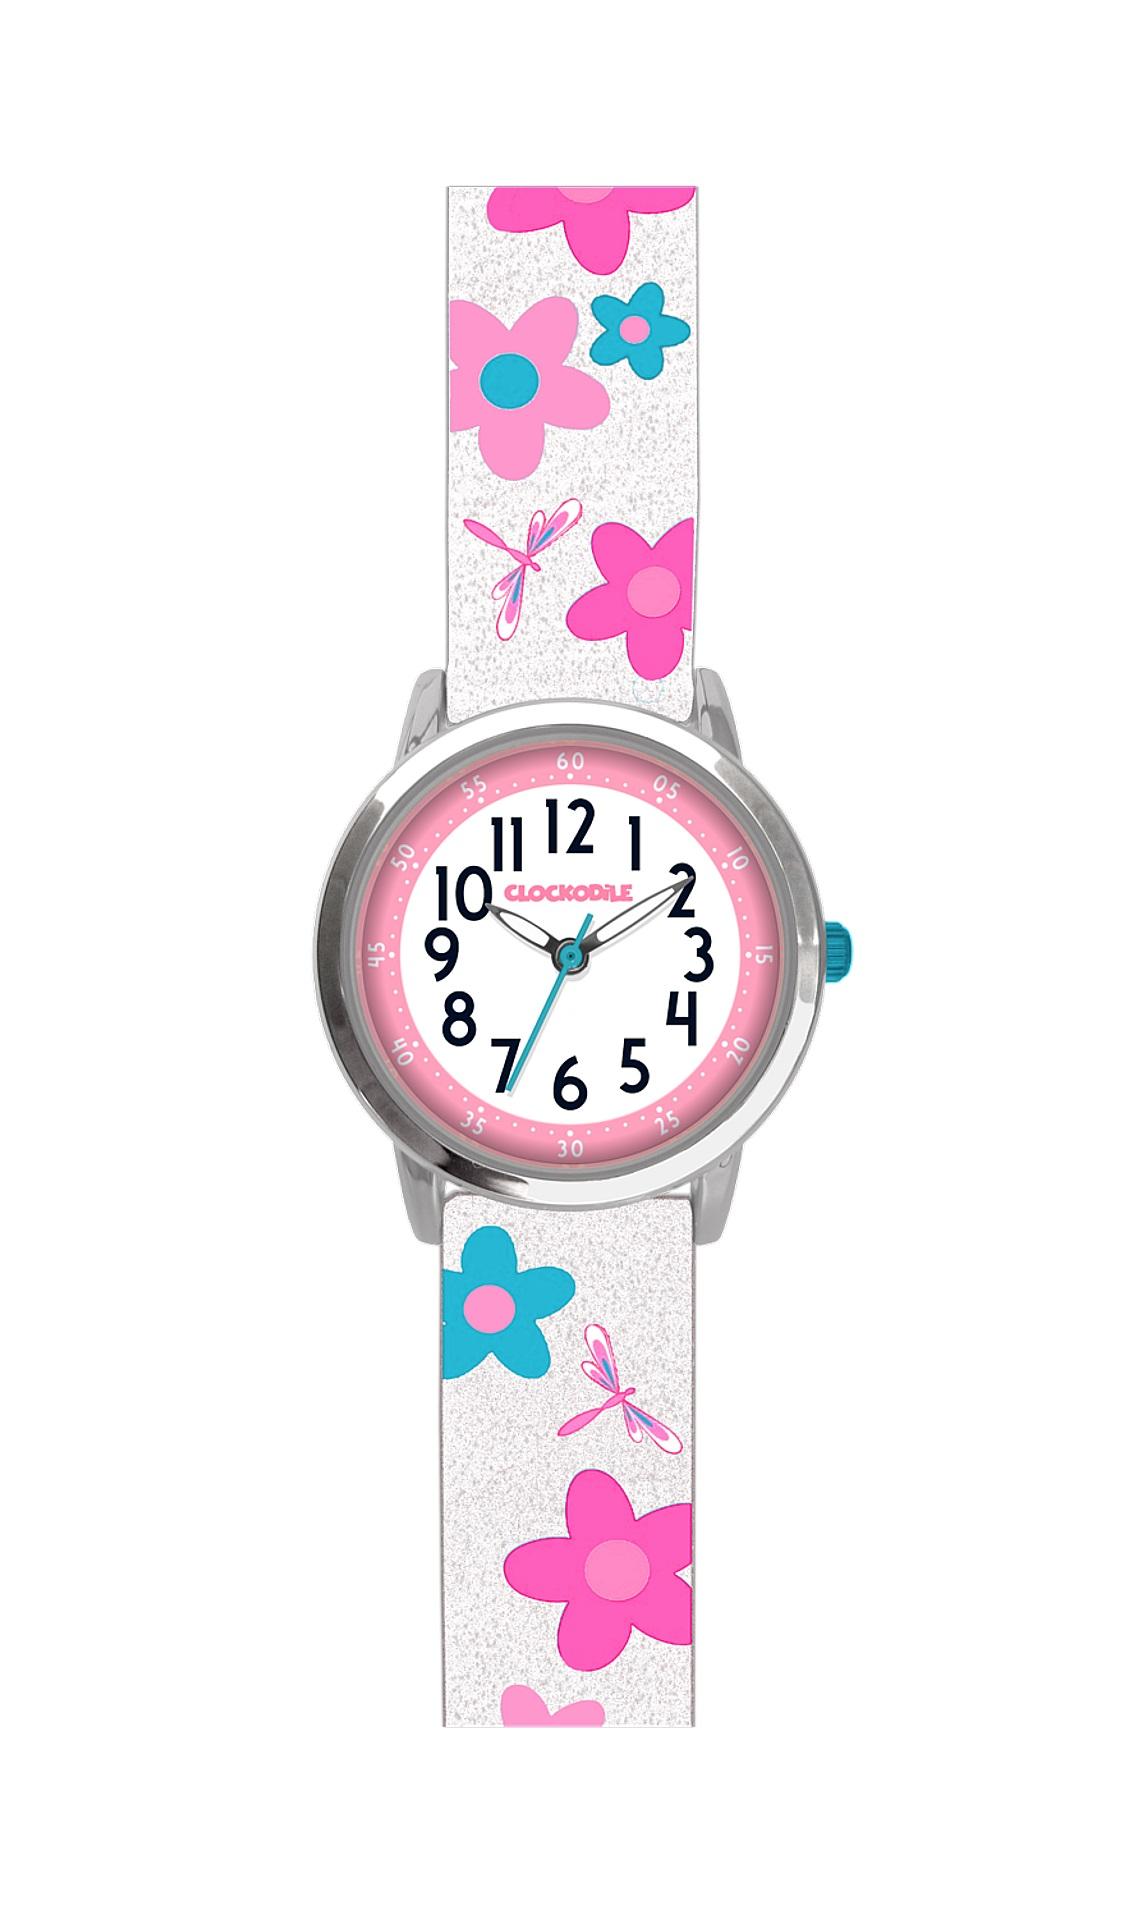 Květované bílé dívčí hodinky CLOCKODILE FLOWERS se třpytkami CWG5022 (CWG5022)